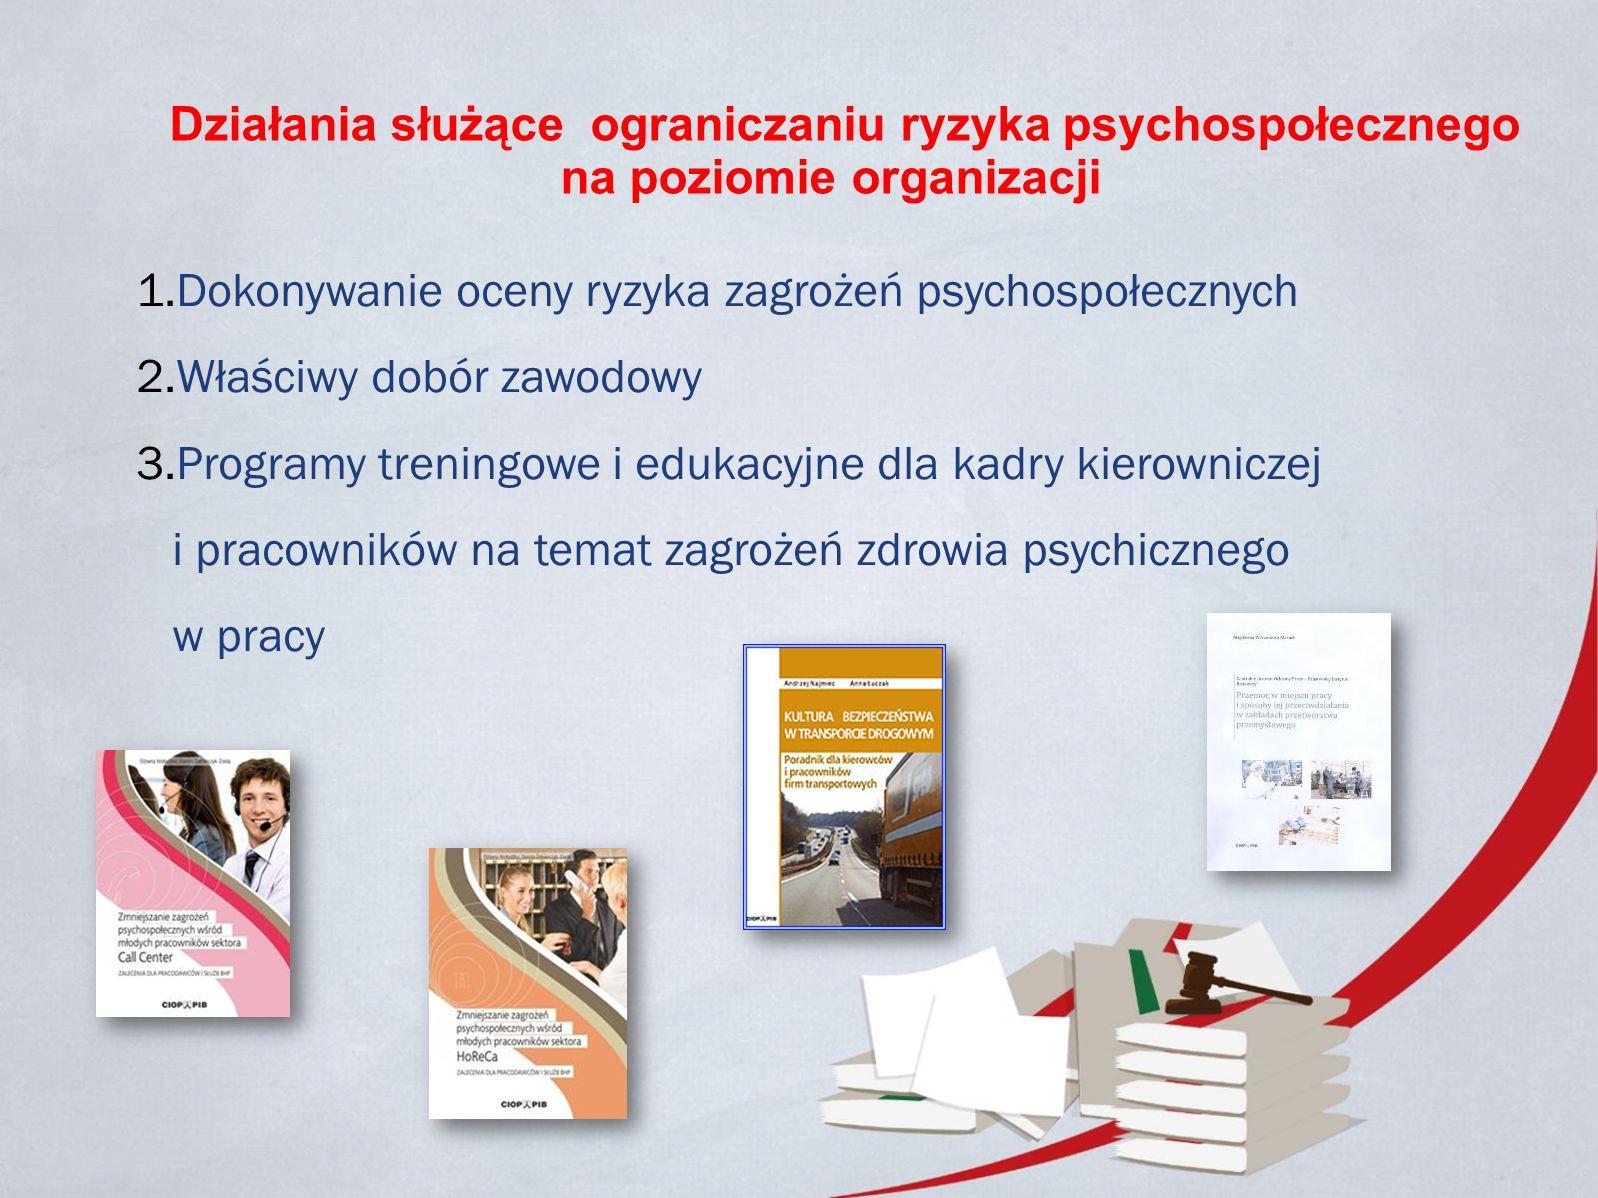 Działania służące ograniczaniu ryzyka psychospołecznego na poziomie organizacji 1.Dokonywanie oceny ryzyka zagrożeń psychospołecznych 2.Właściwy dobór zawodowy 3.Programy treningowe i edukacyjne dla kadry kierowniczej i pracowników na temat zagrożeń zdrowia psychicznego w pracy